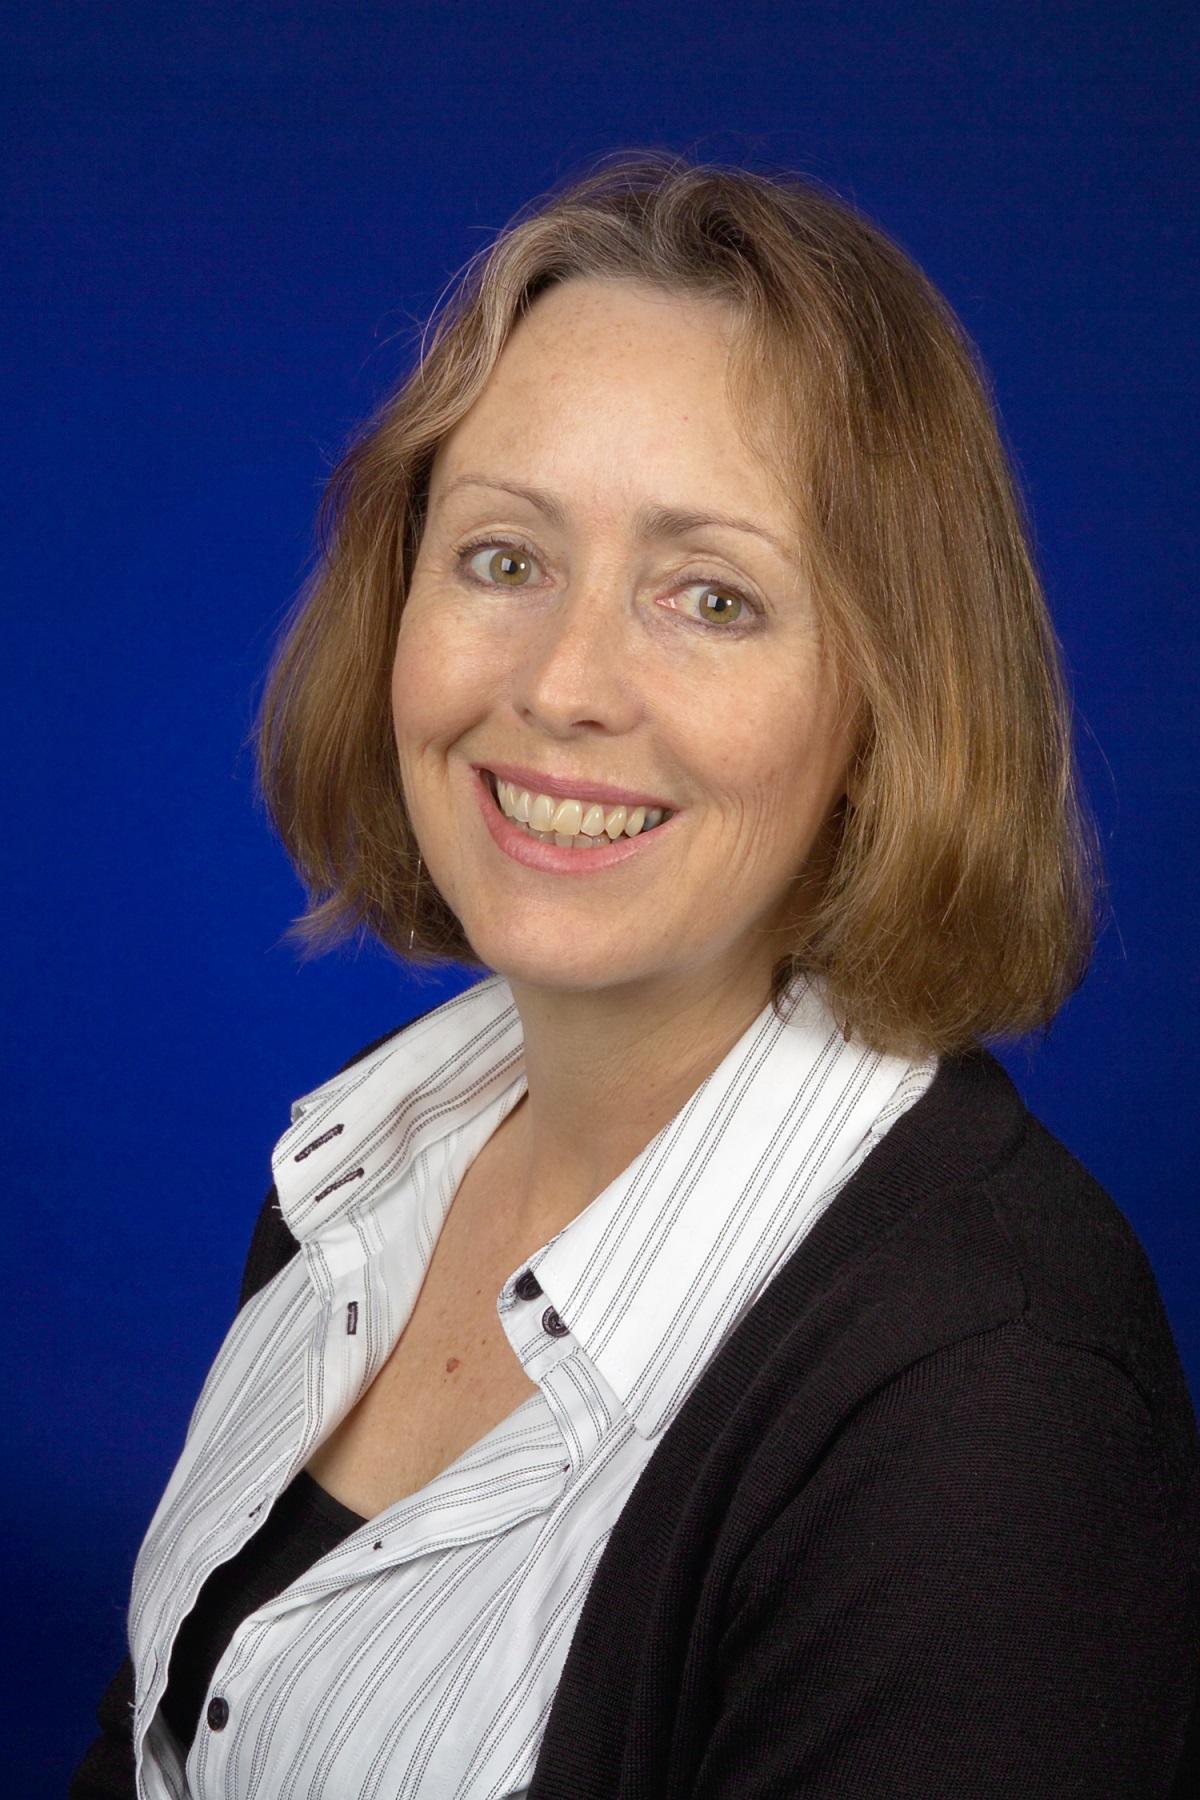 Juliet Roper